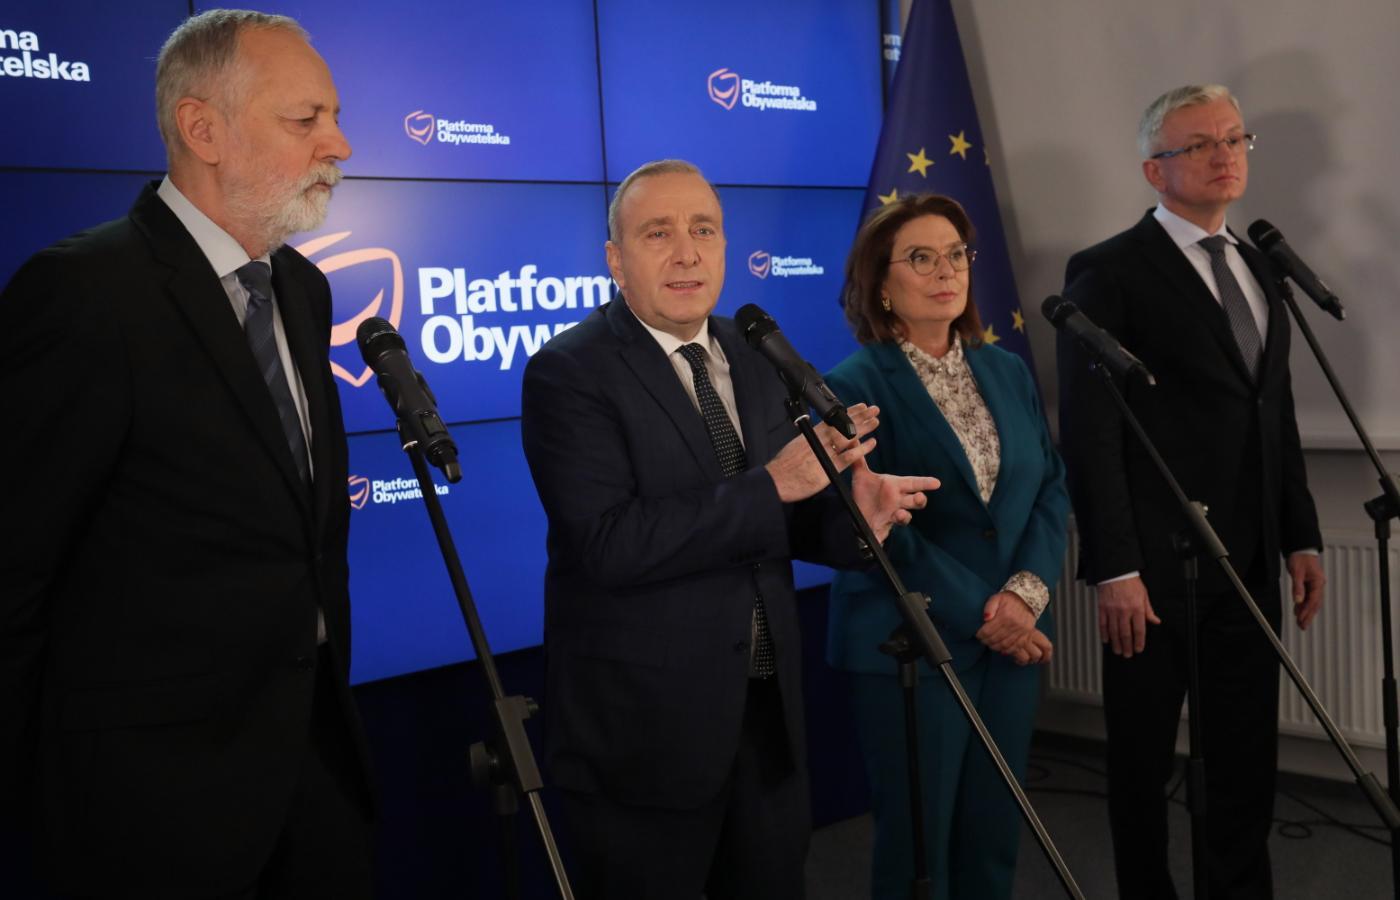 Zarząd Platformy zatwierdził kandydatów: Małgorzatę Kidawę-Błońską i Jacka Jaśkowiaka.